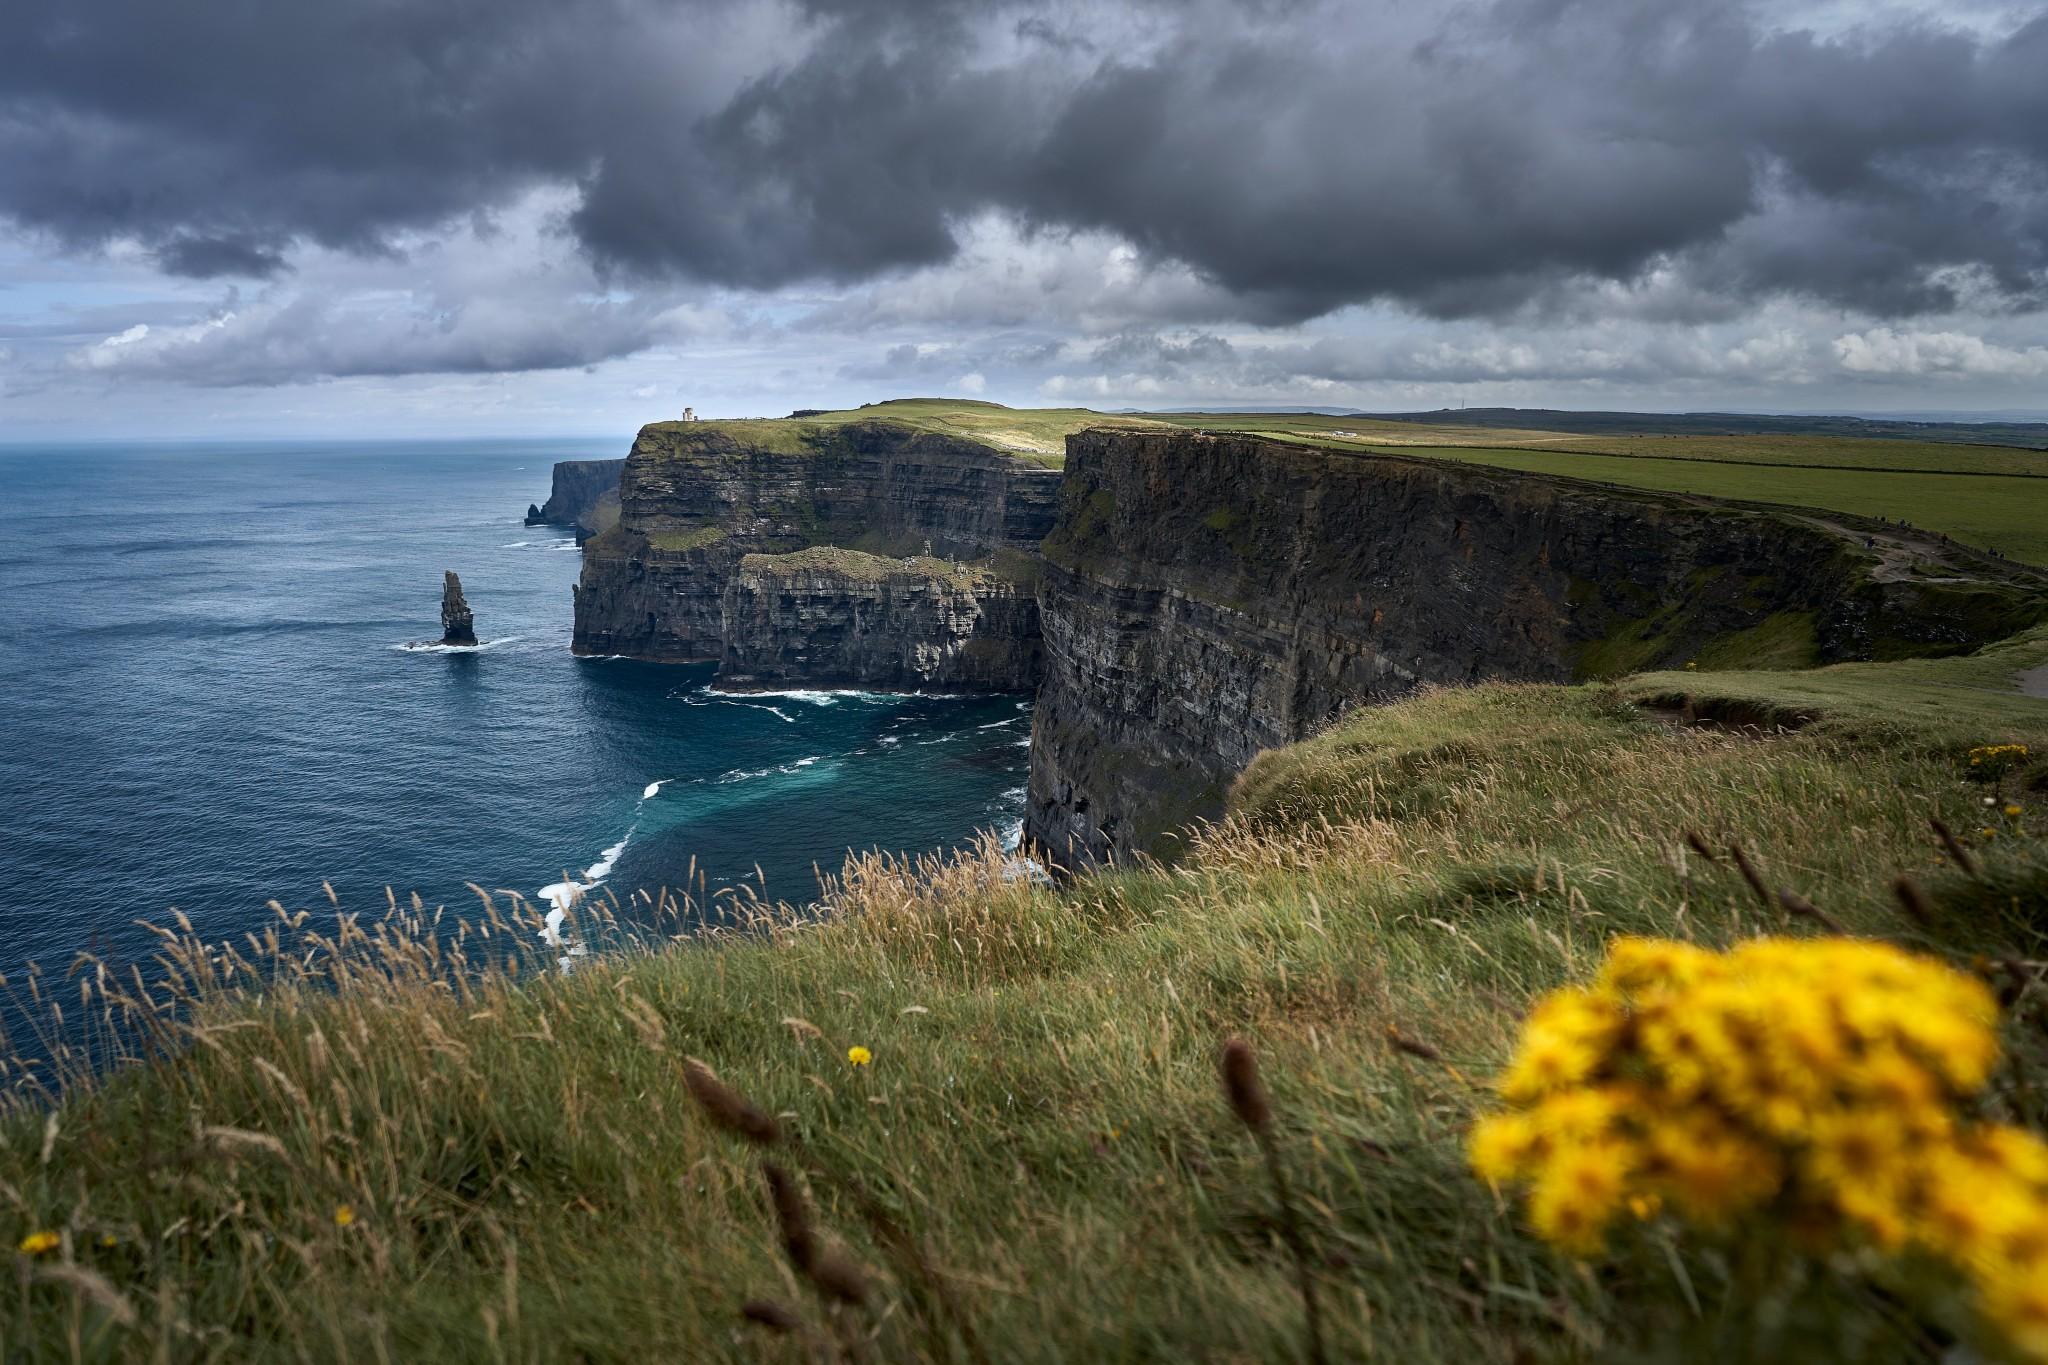 Irland-Blick auf Klippen und Meer